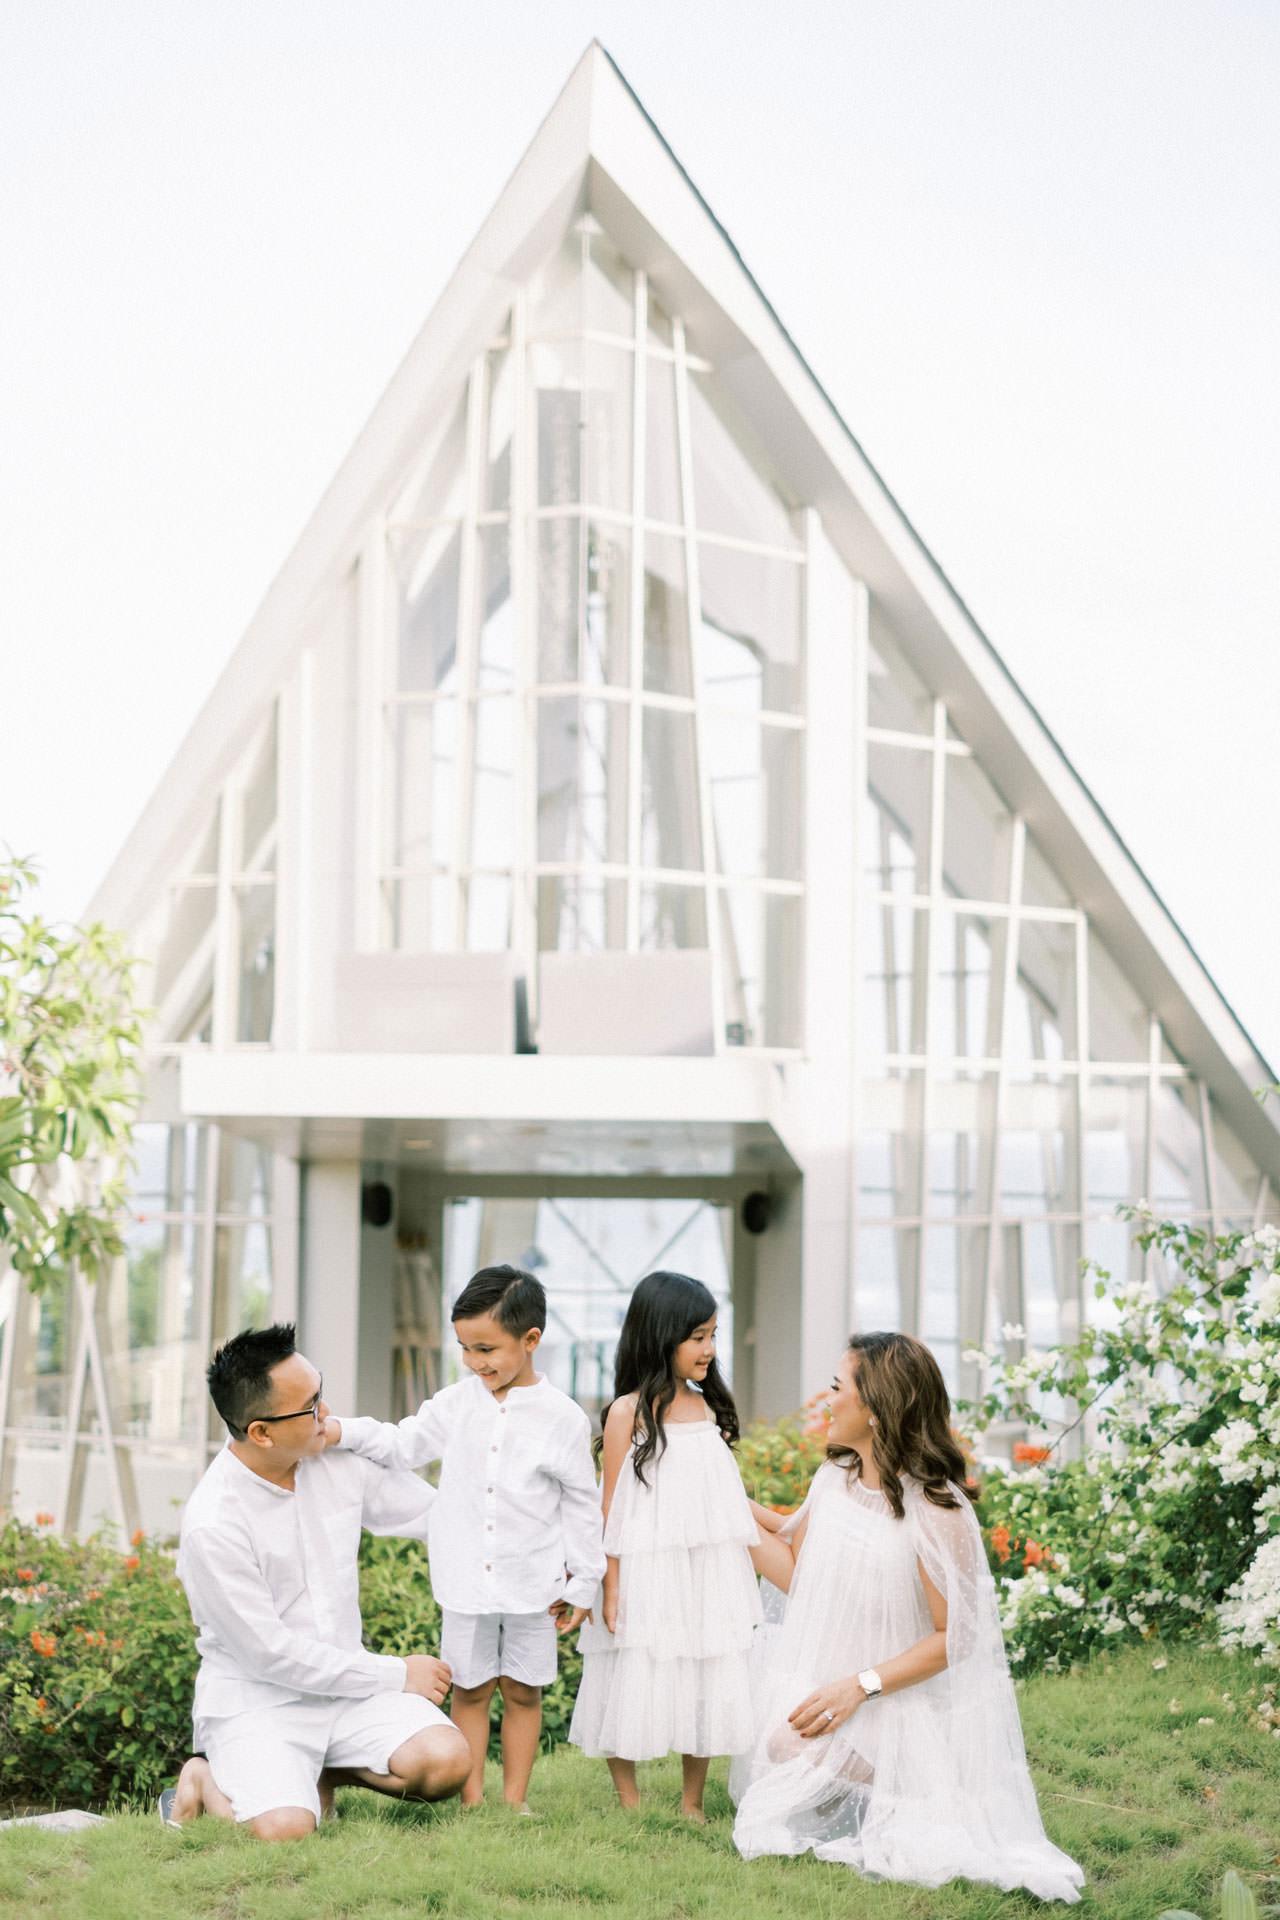 Samabe Bali Outdoor Family Photo 3